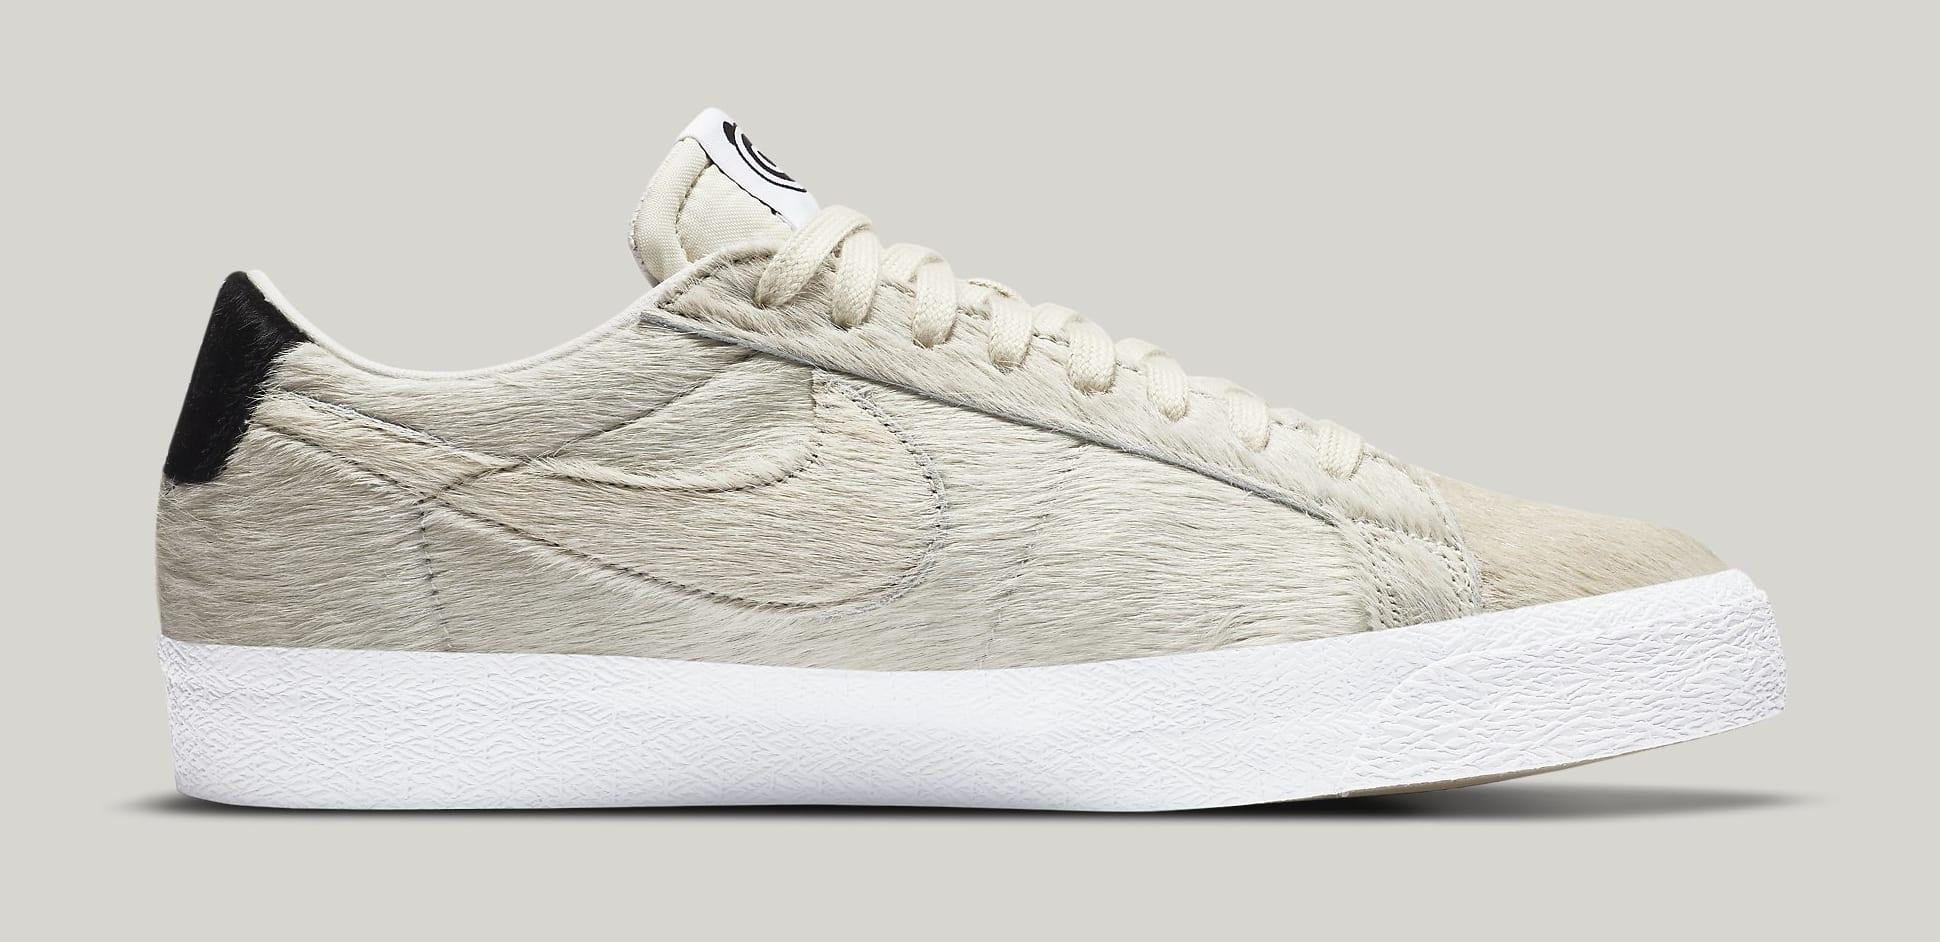 Medicom x Nike SB Blazer Low CZ4620-200 Medial